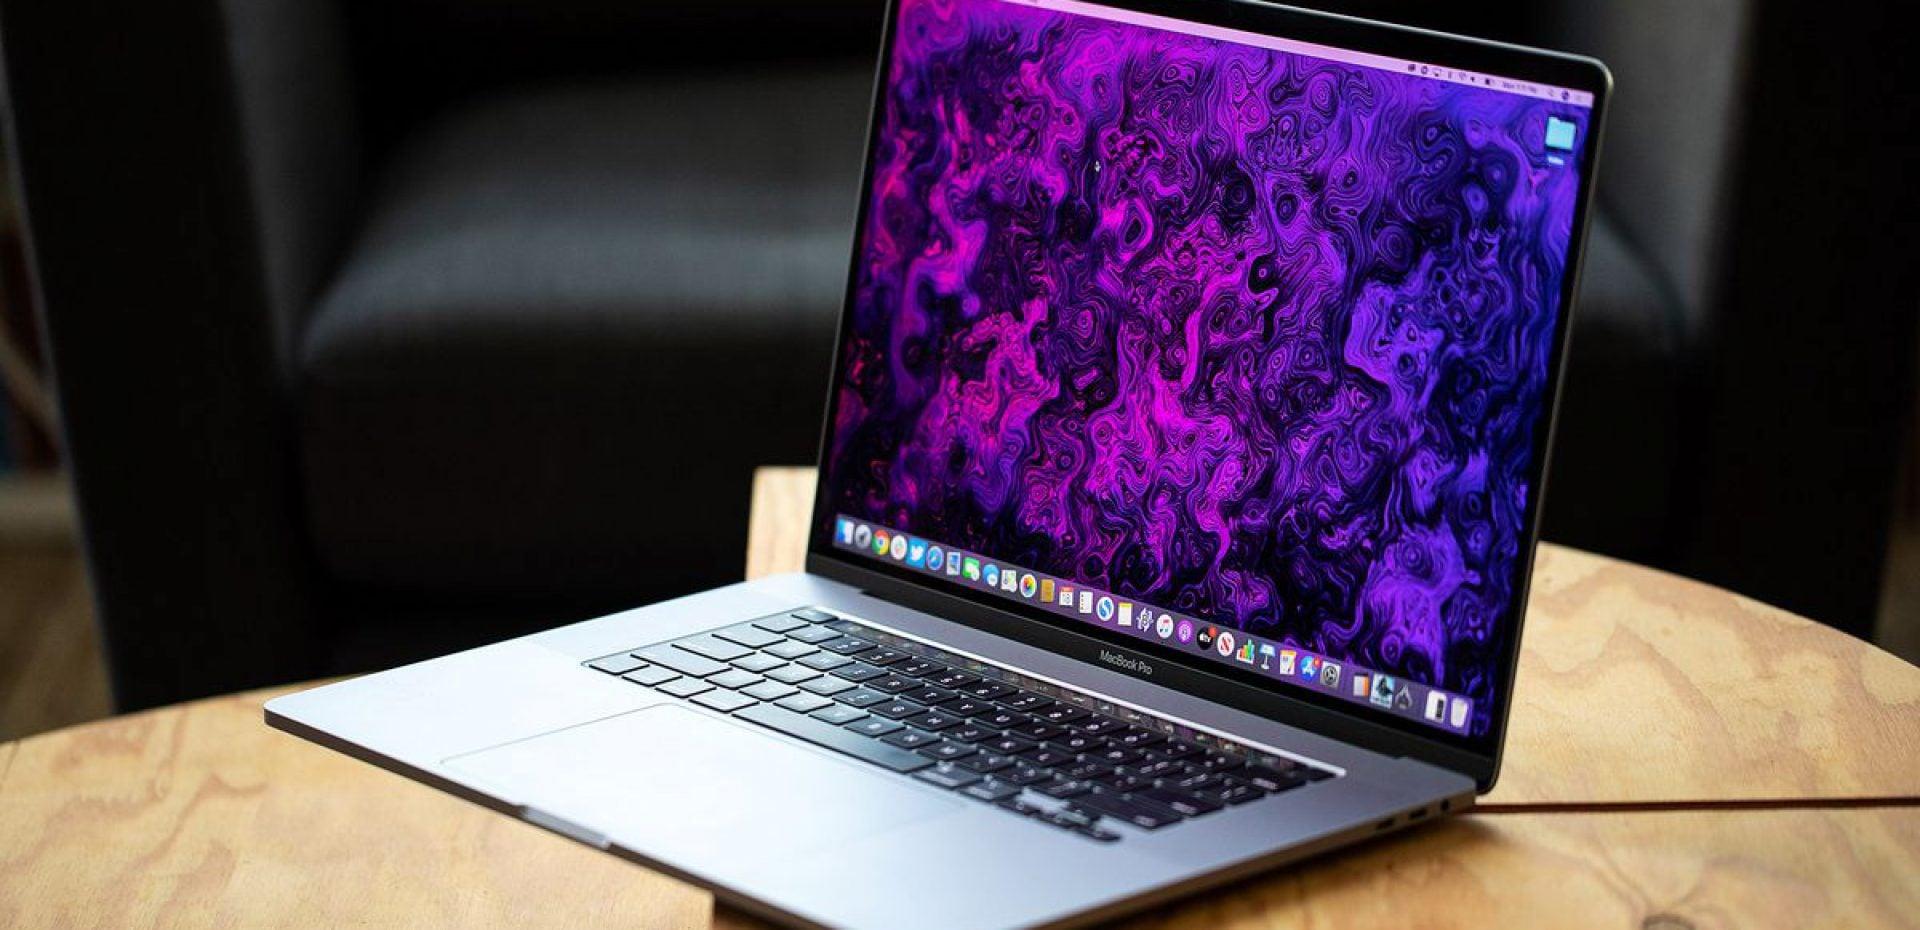 MacBook Pro 16 следующего поколения превратится в настоящий игровой ноутбук за счет видеокарт AMD Radeon RX 6700